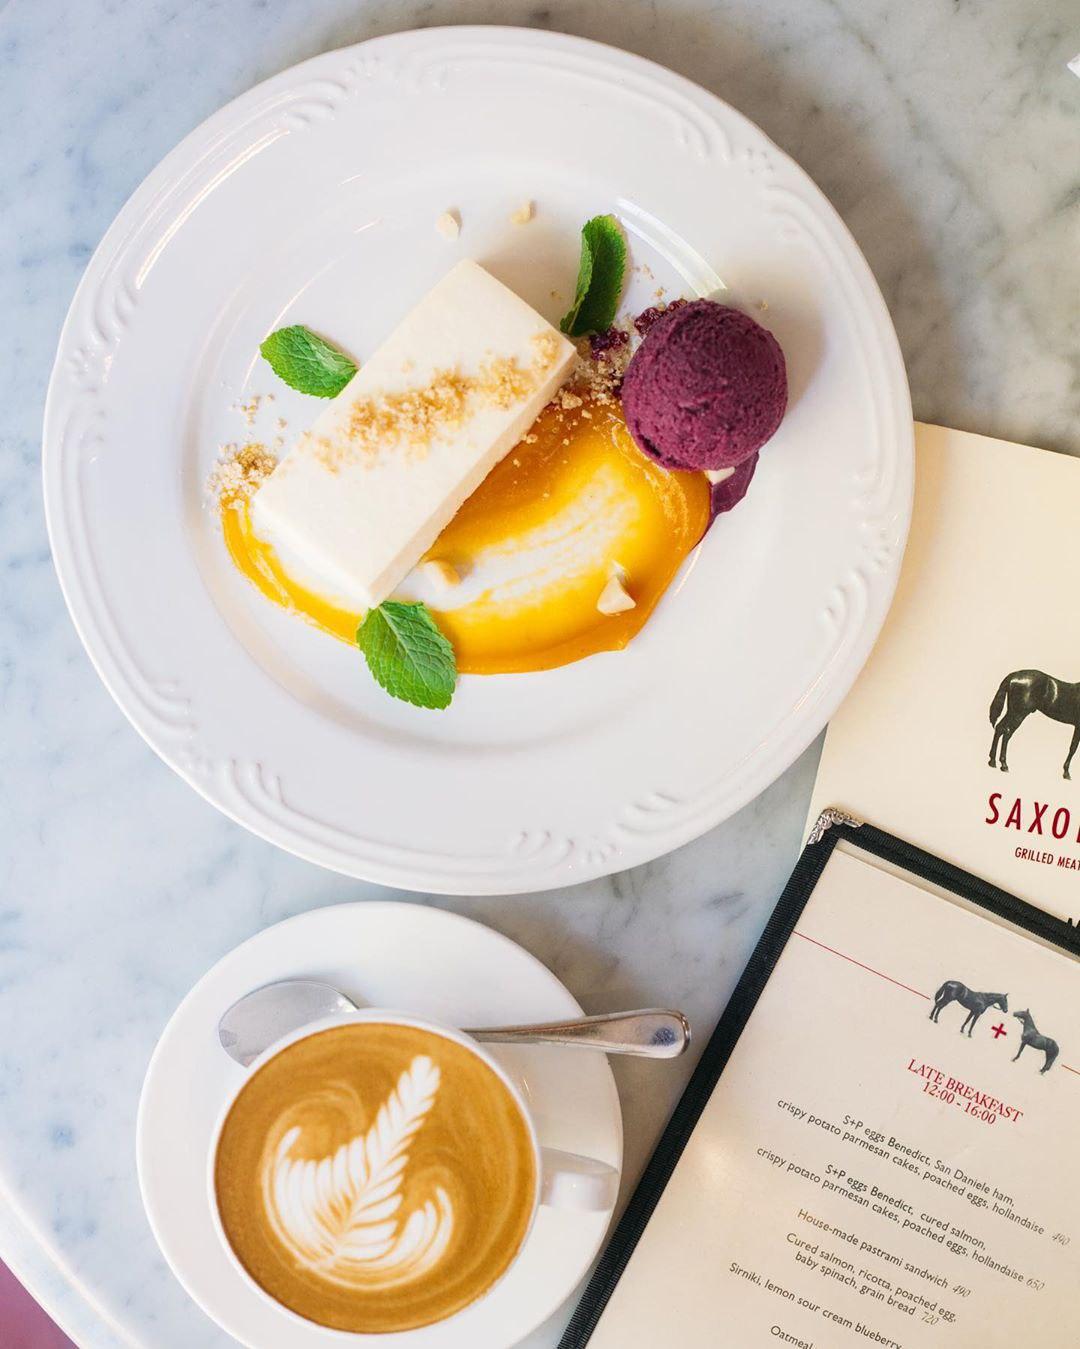 Чизкейк на основе козьего сыра в ресторане Saxon + Parole